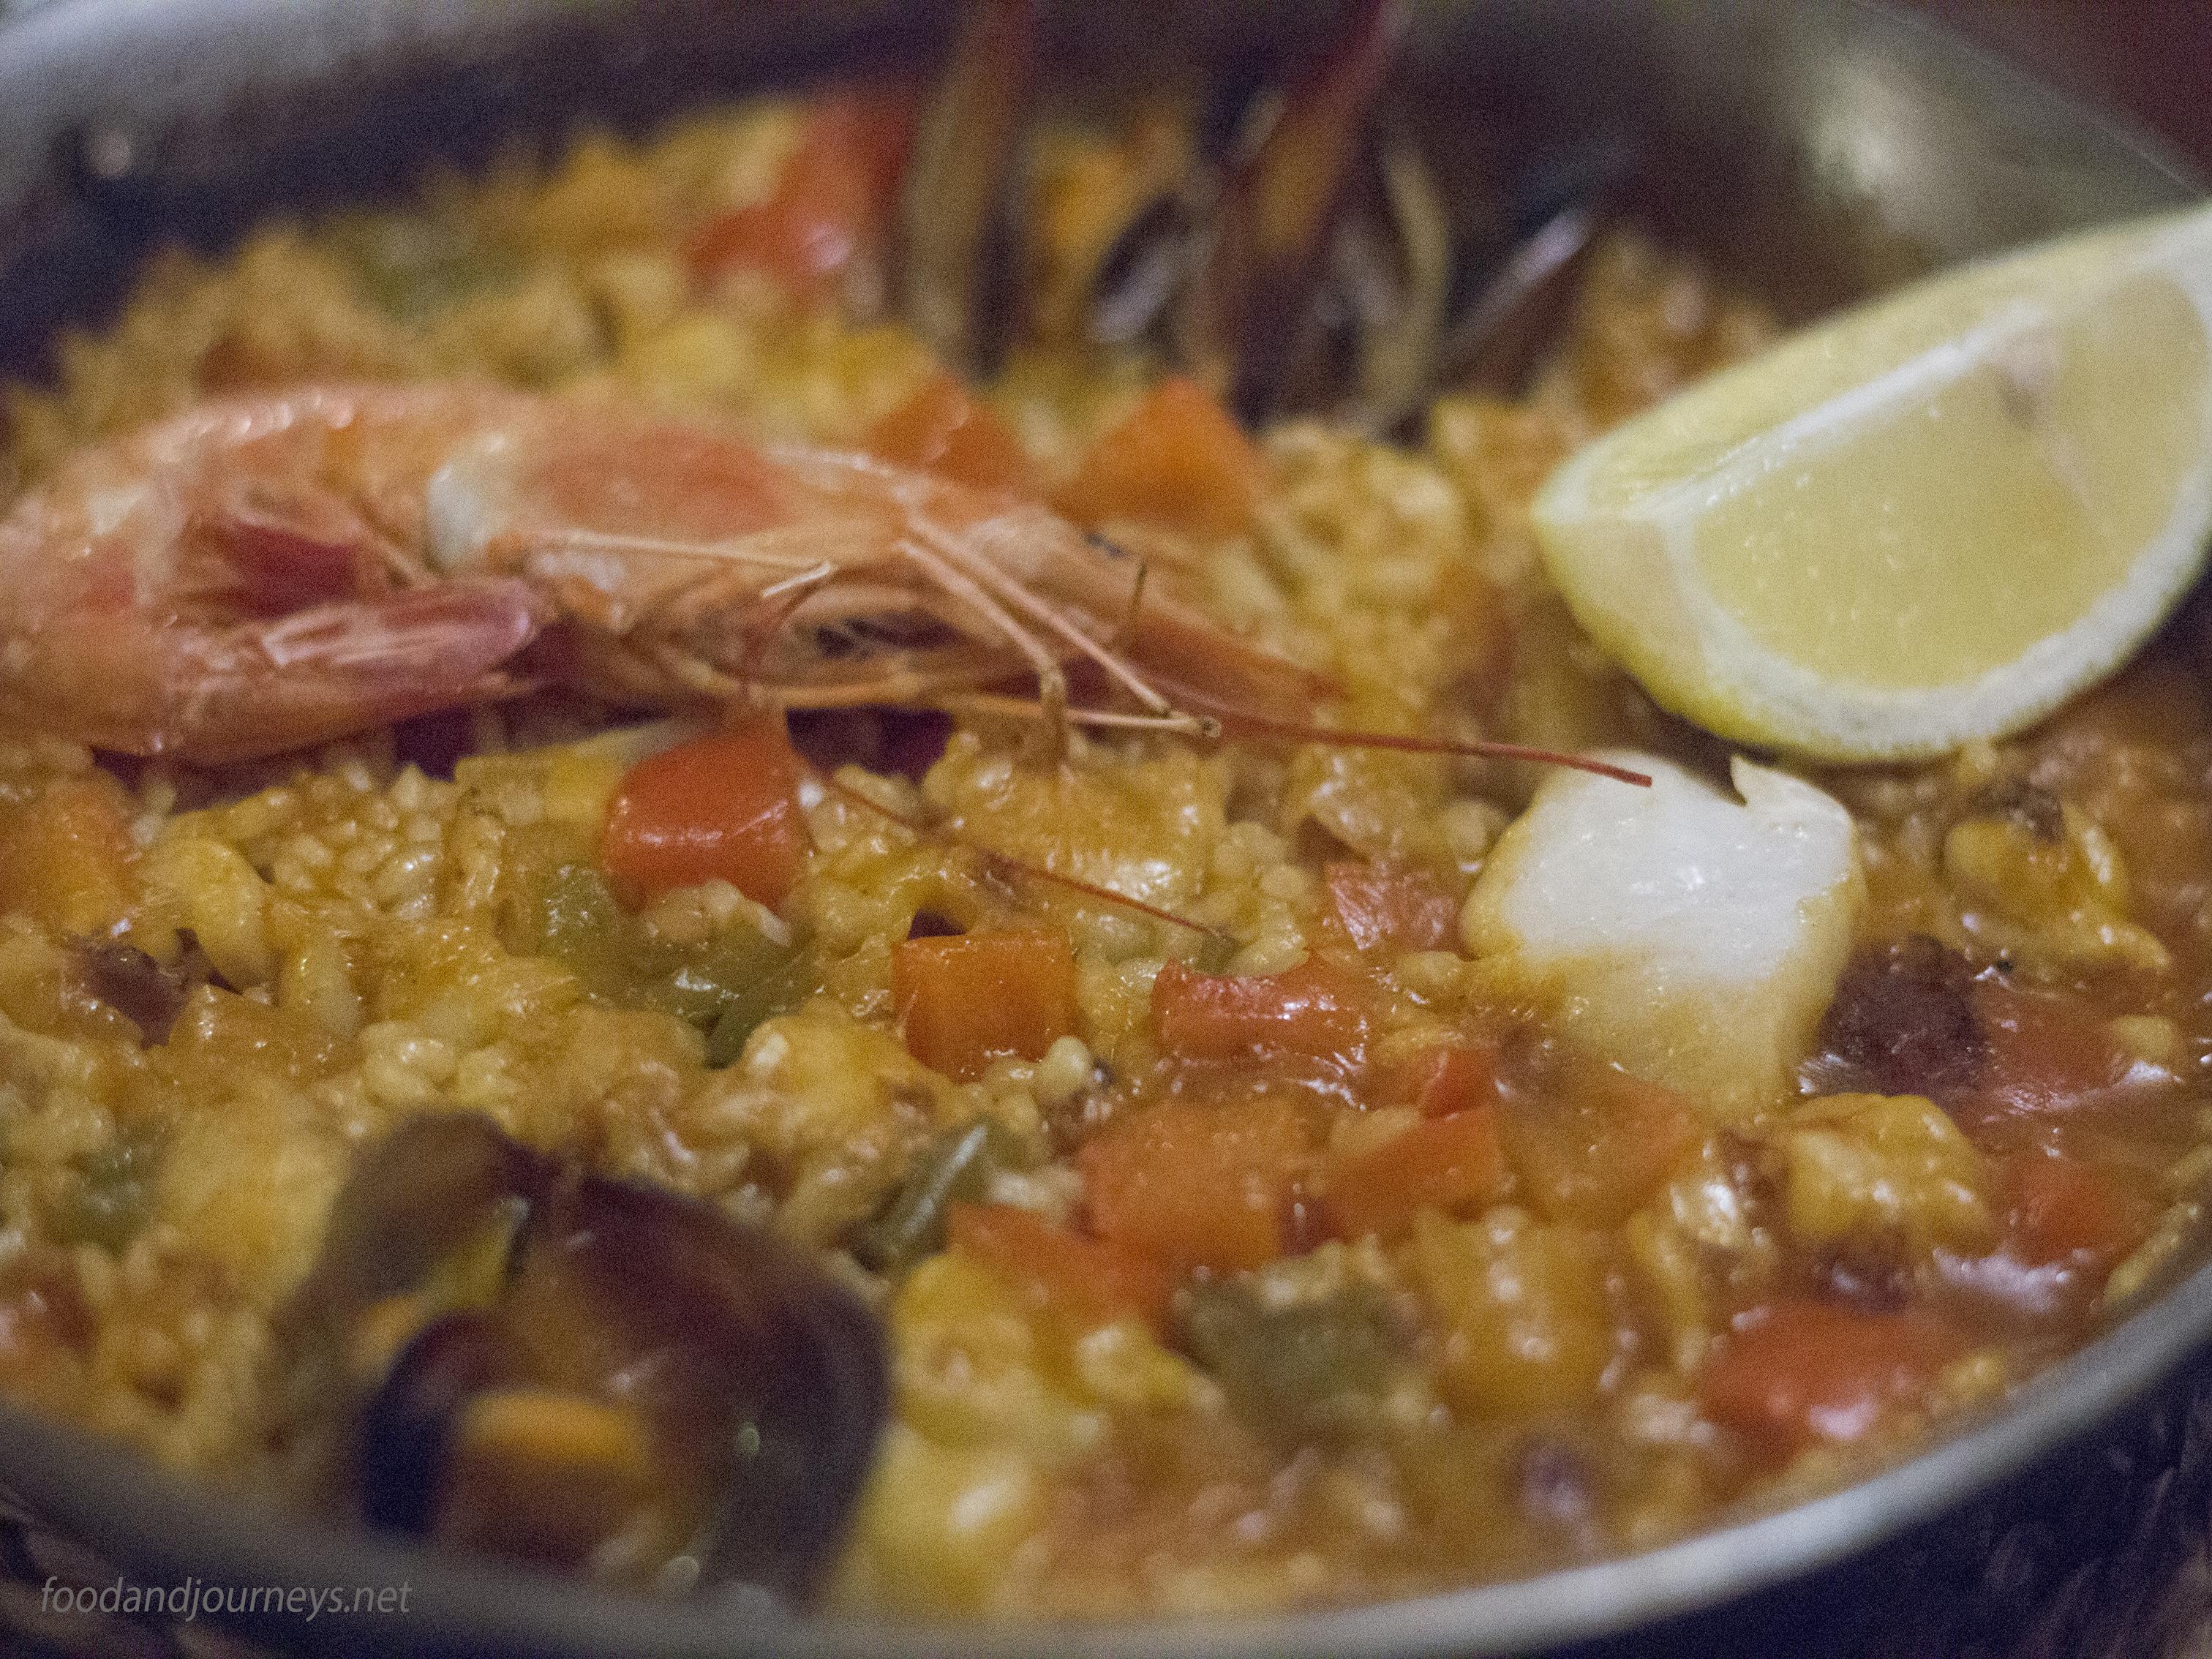 Seafood Paella Barcelona|foodandjourneys.net